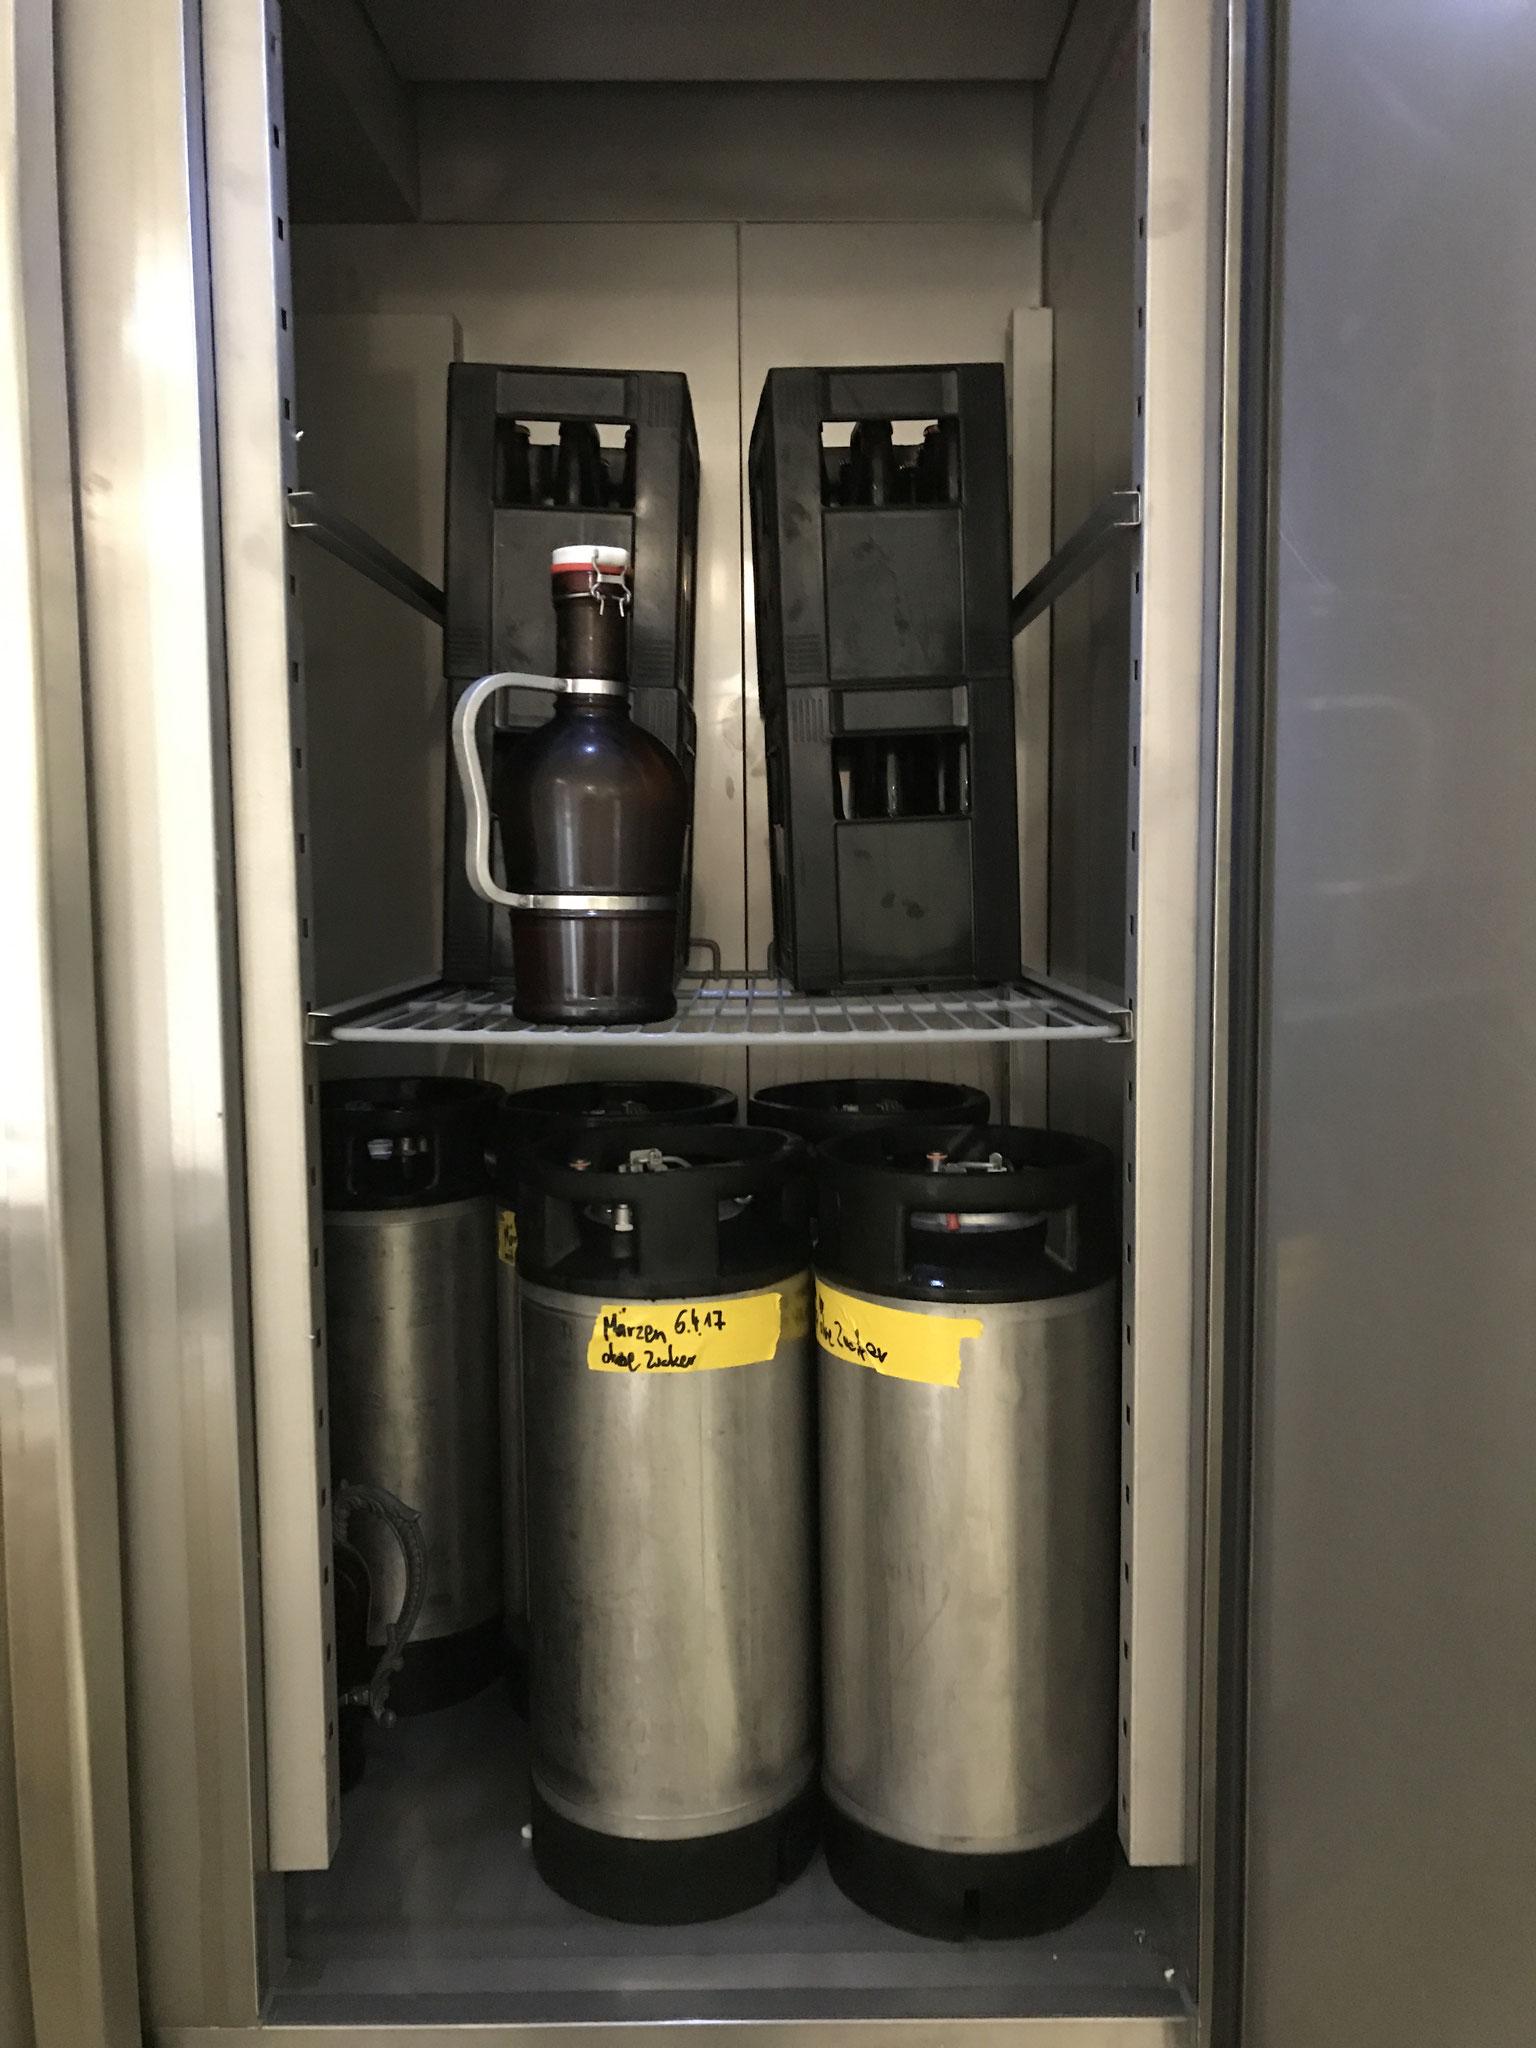 Nach 7 bis 10 Tagen im Gärtank wird das Jungbier in die verschiedenen Behältnisse abgefüllt und im Kühlschrank für mehrere Wochen gelagert.